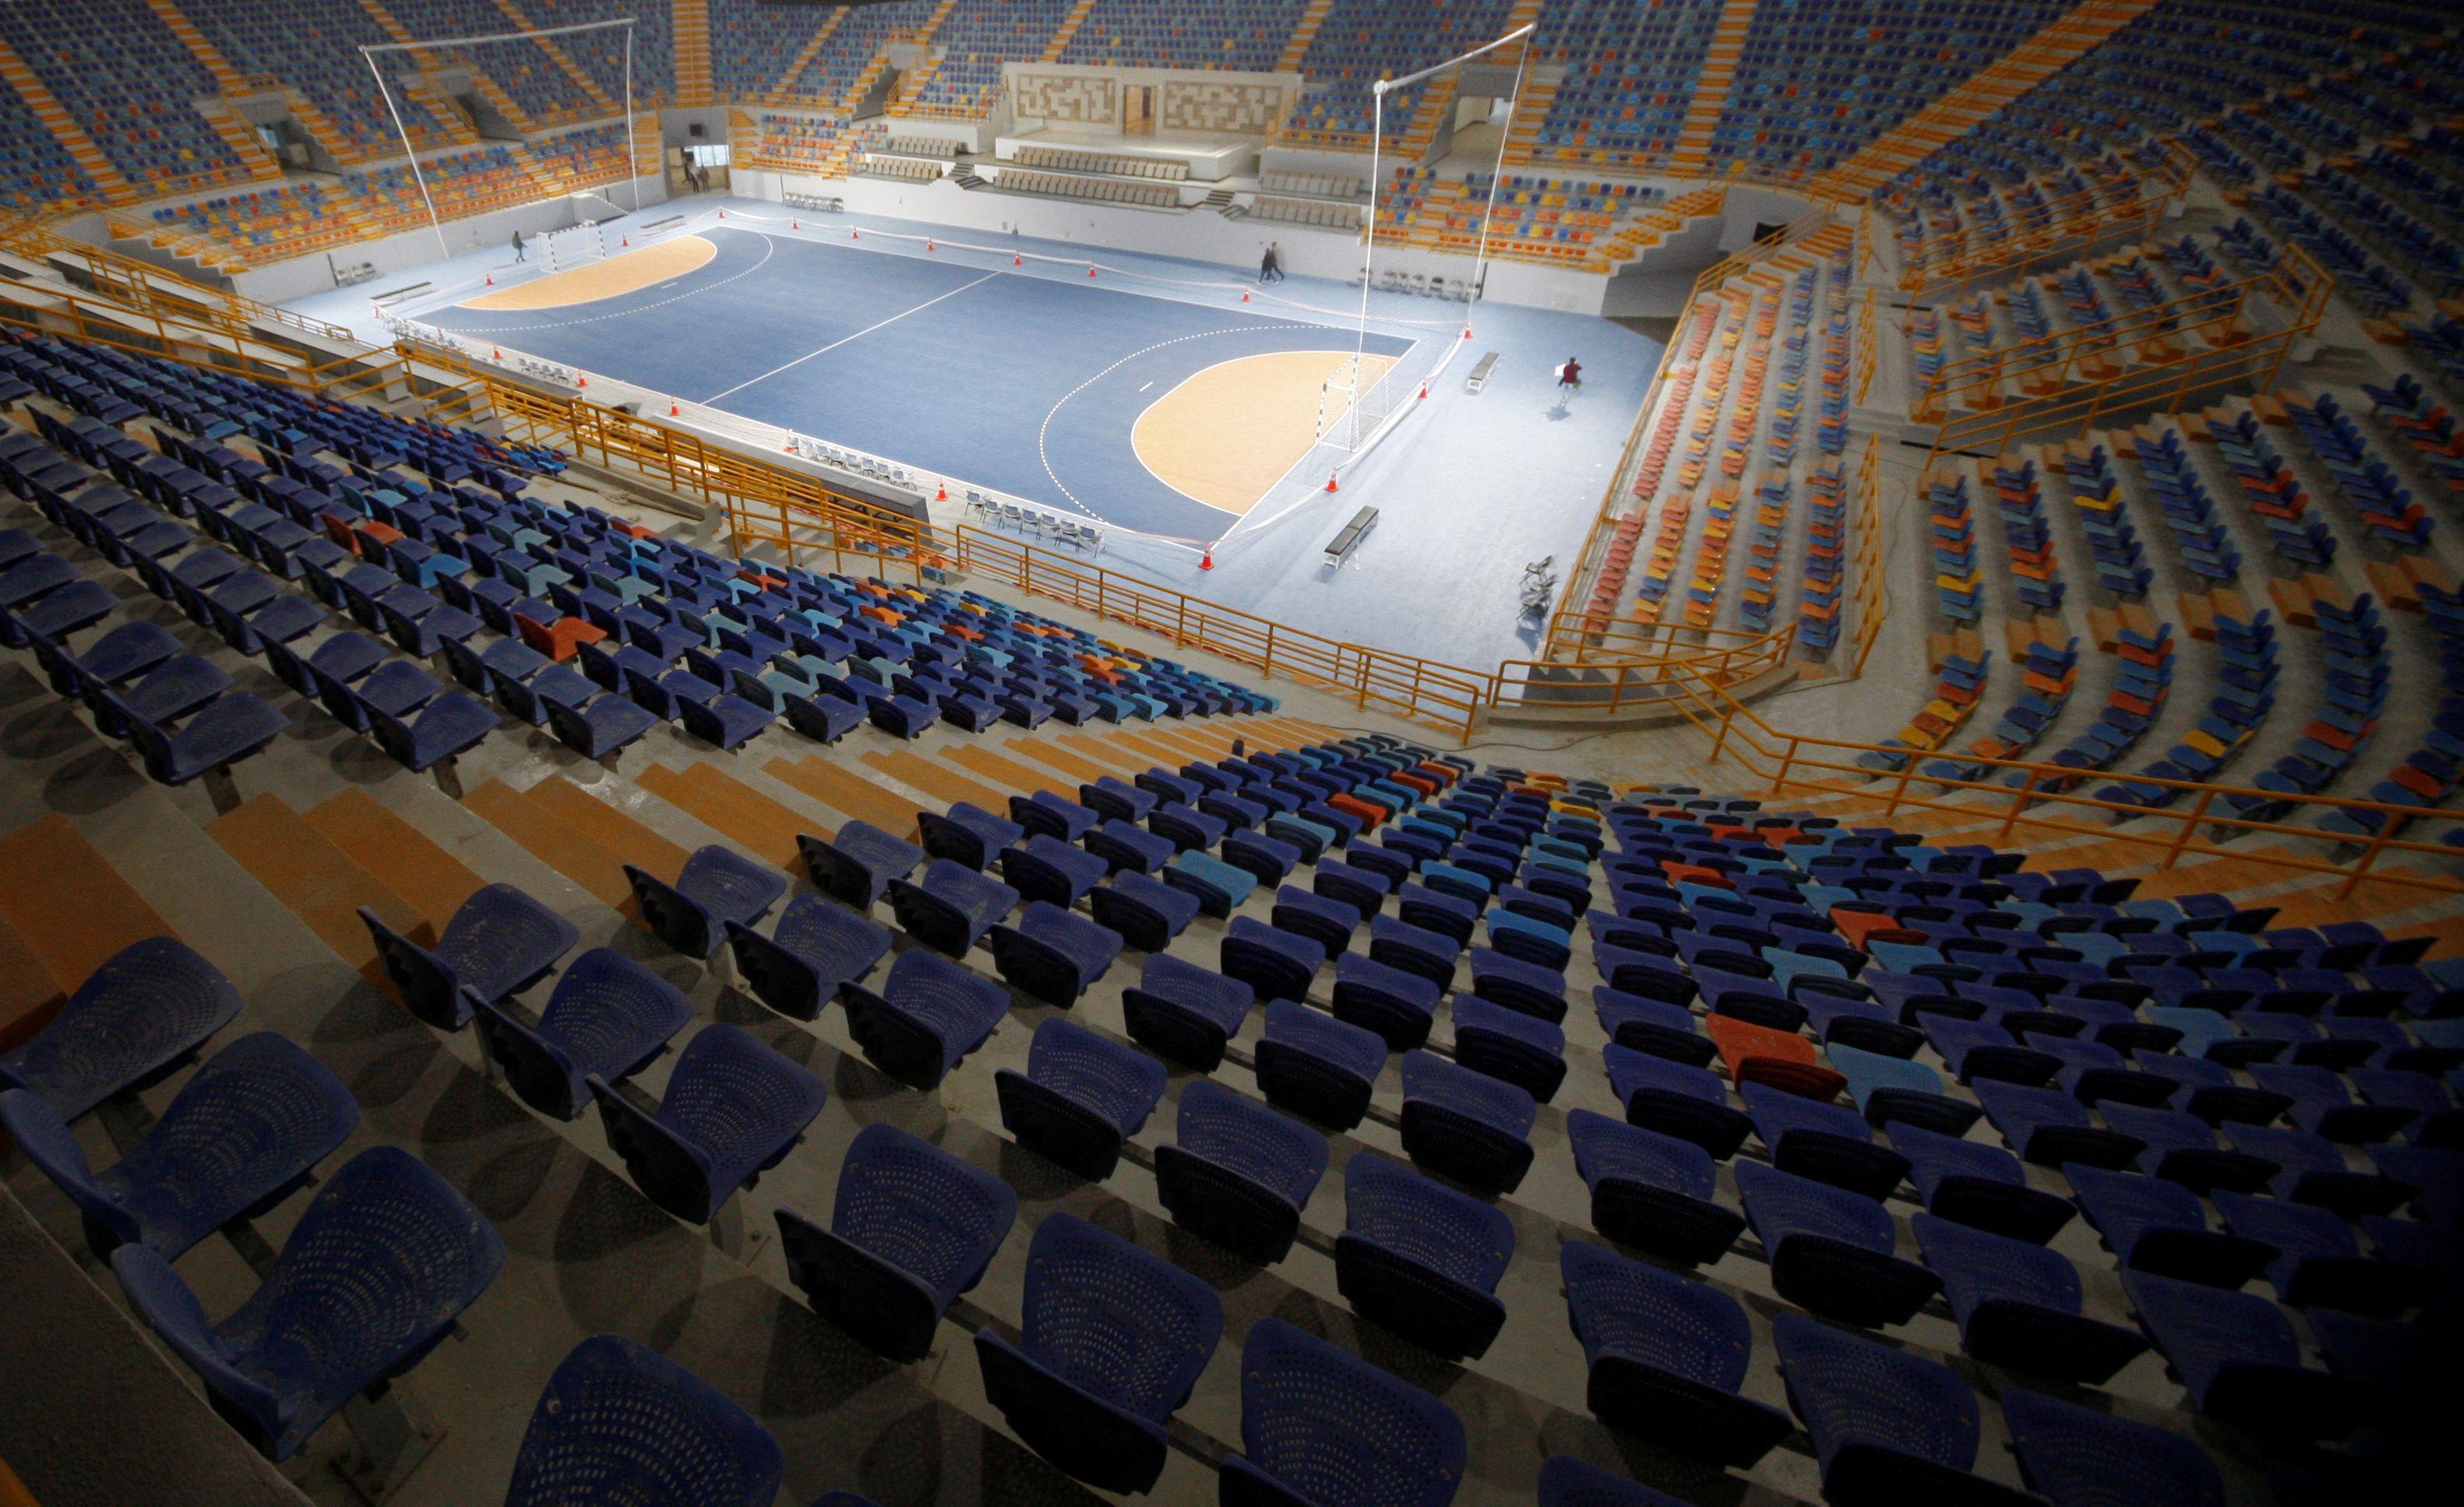 Los estadios del Mundial de Handball de Egipto, listos para albergar la cita máxima (REUTERS/Shokry Hussien)